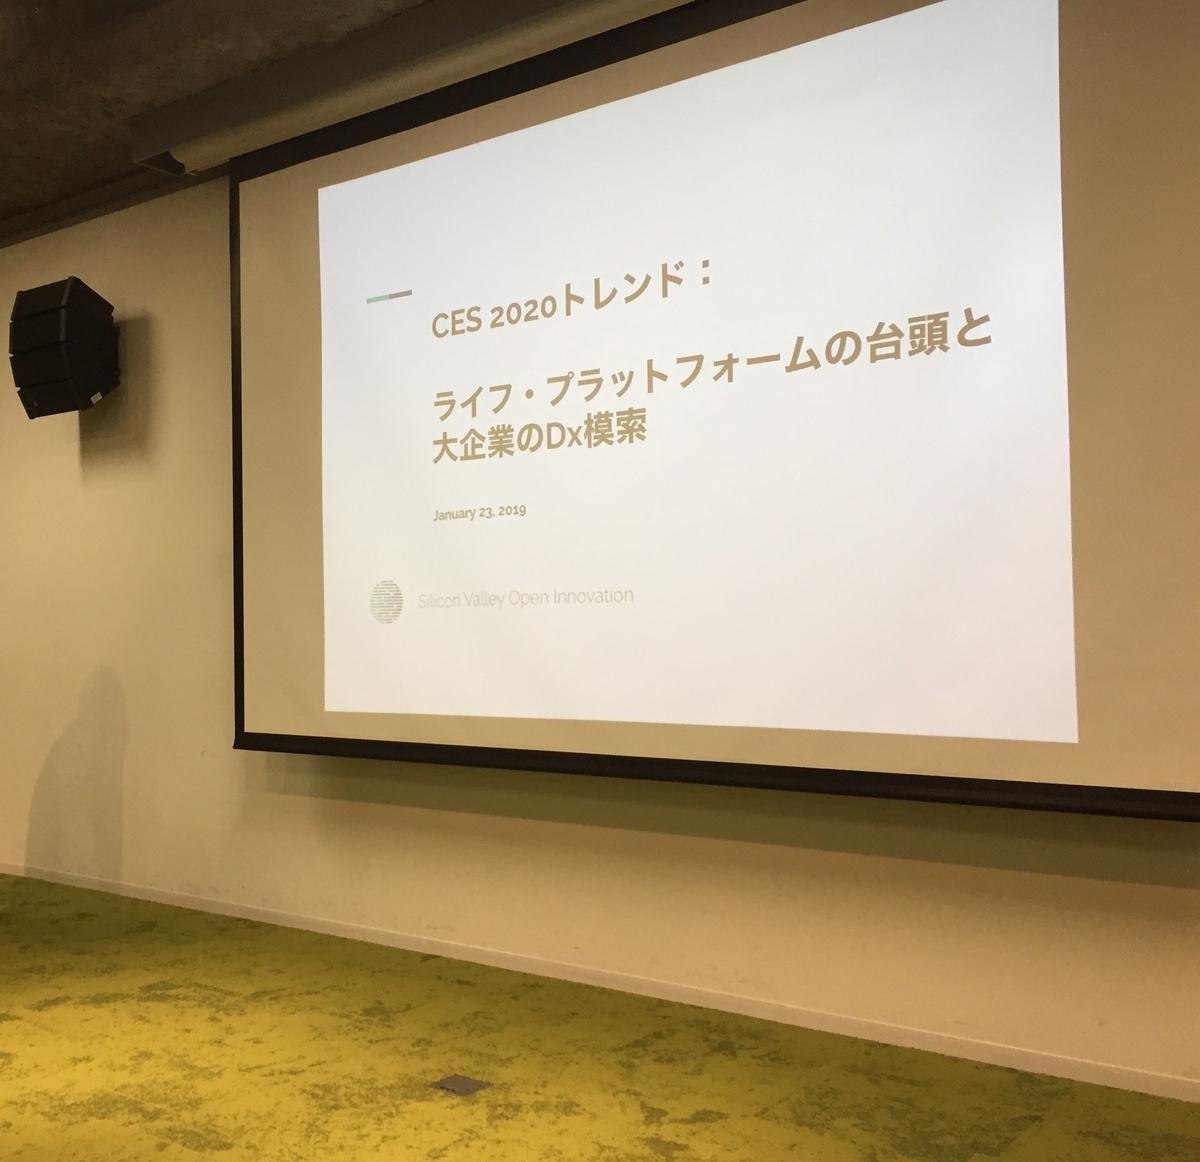 f:id:YukioSakaguchi:20200212100646j:plain